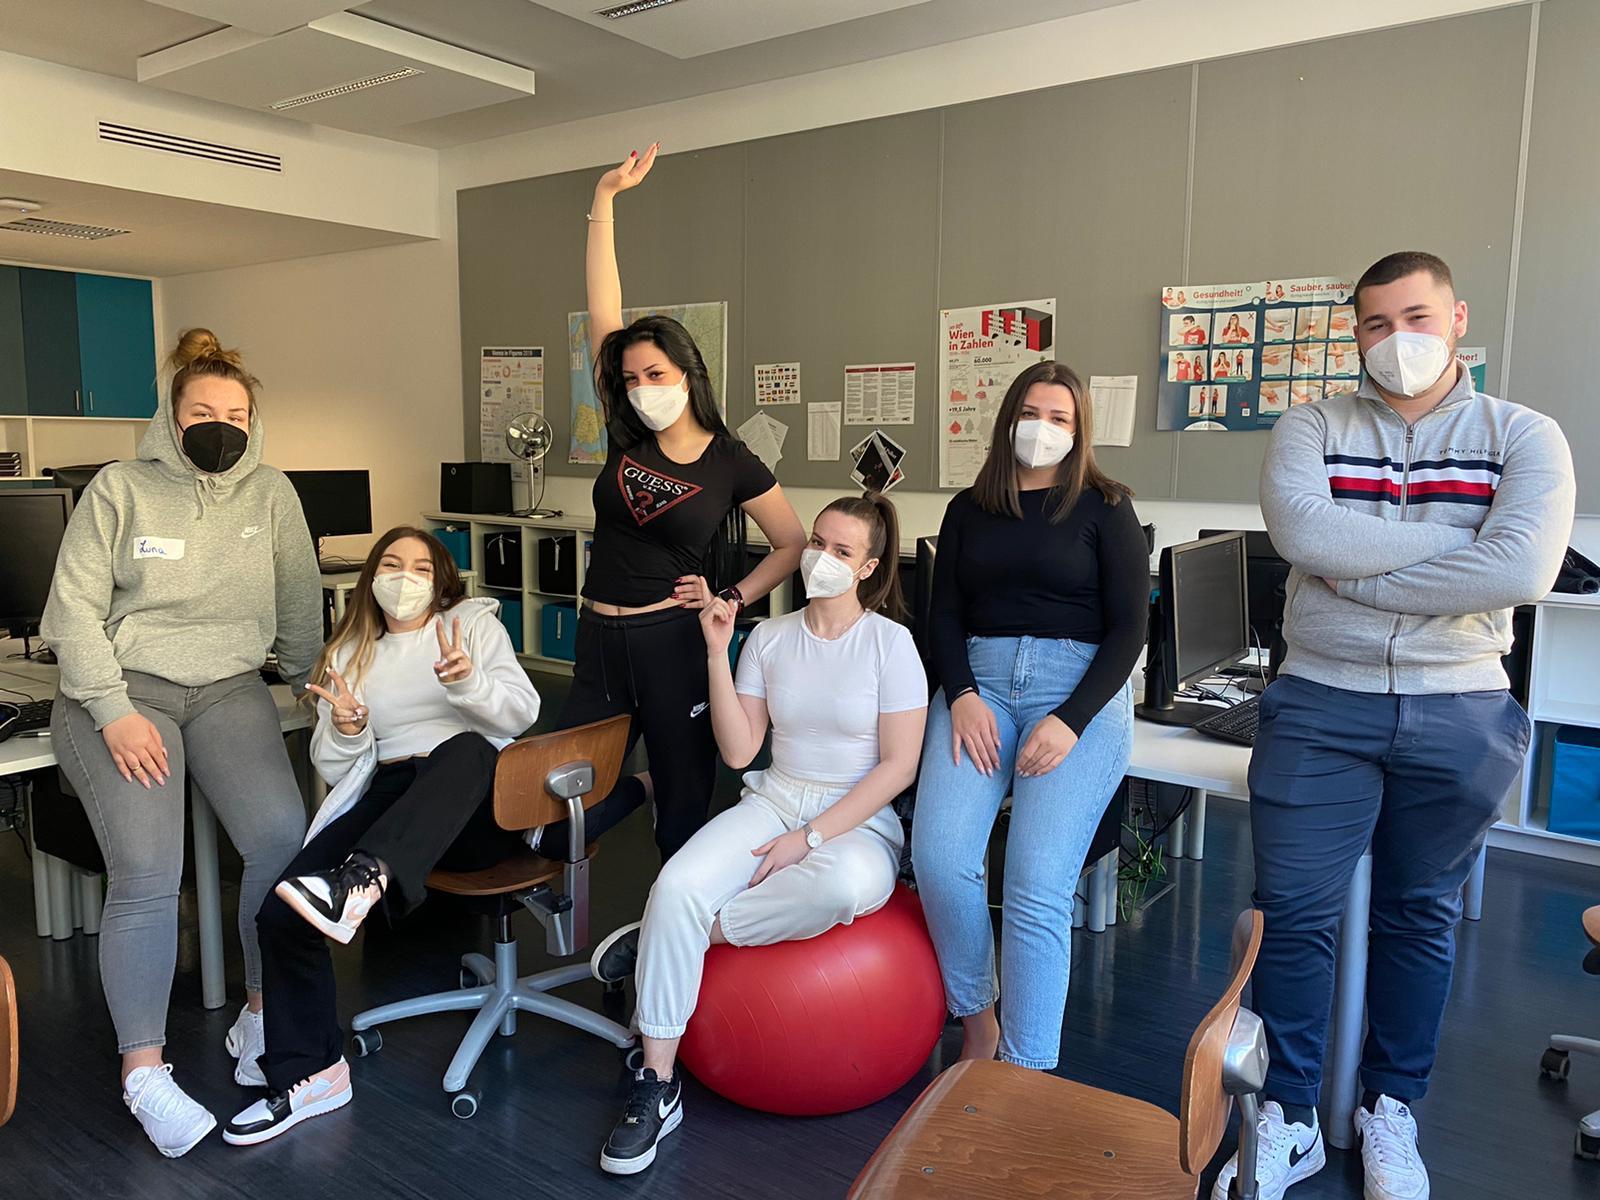 Gruppenfoto von Lehrlingen im Klassenzimmer